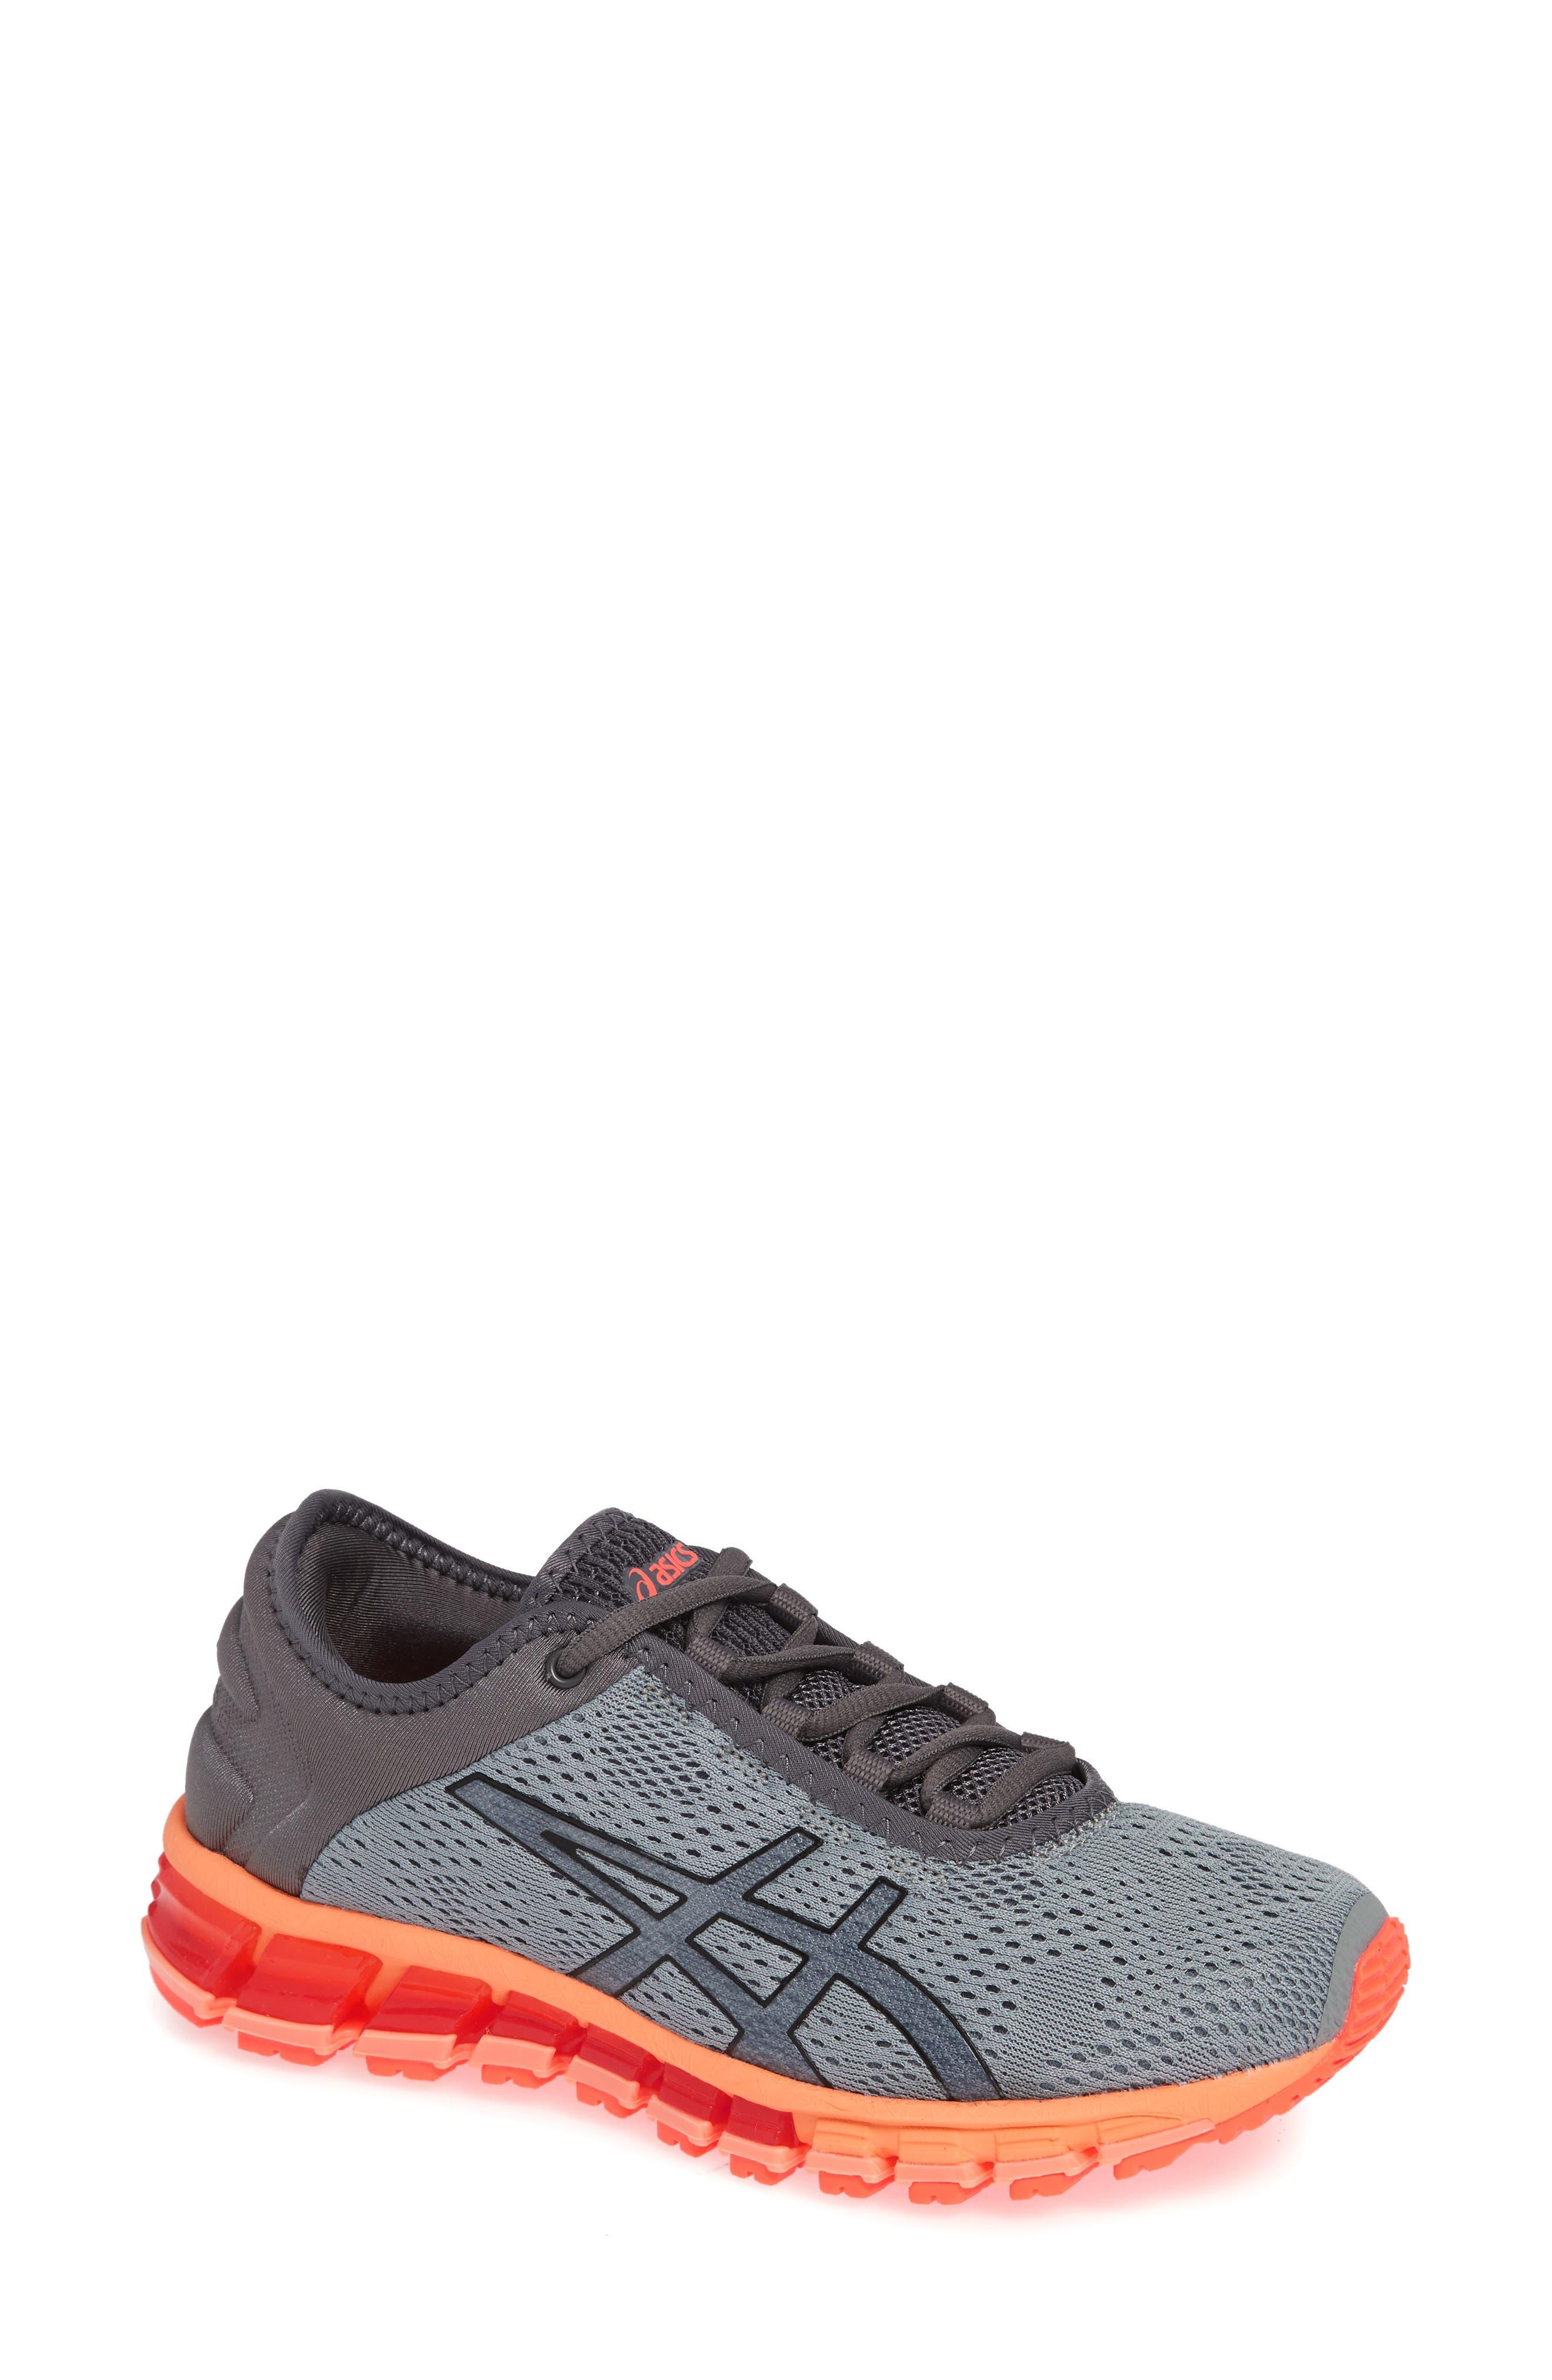 GEL Quantum 180 3 Running Shoe,                             Main thumbnail 1, color,                             020